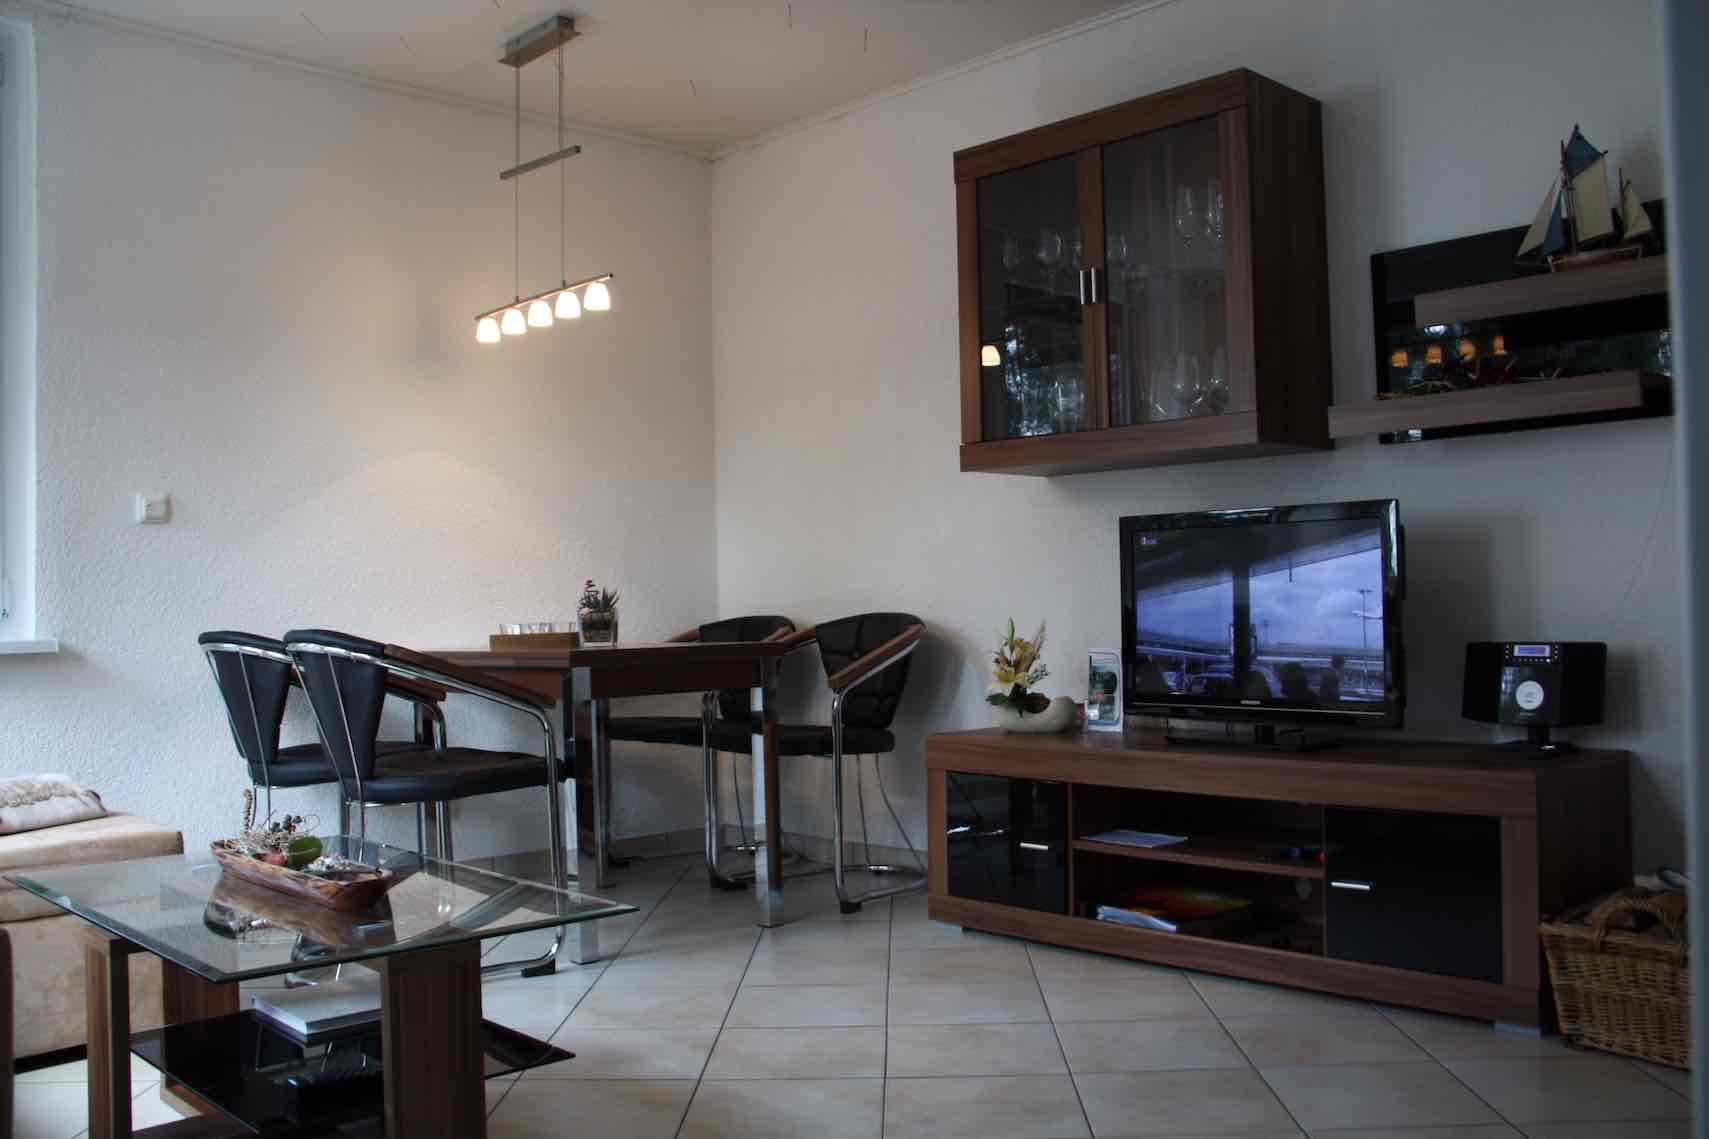 bilder von innen seebungalow. Black Bedroom Furniture Sets. Home Design Ideas